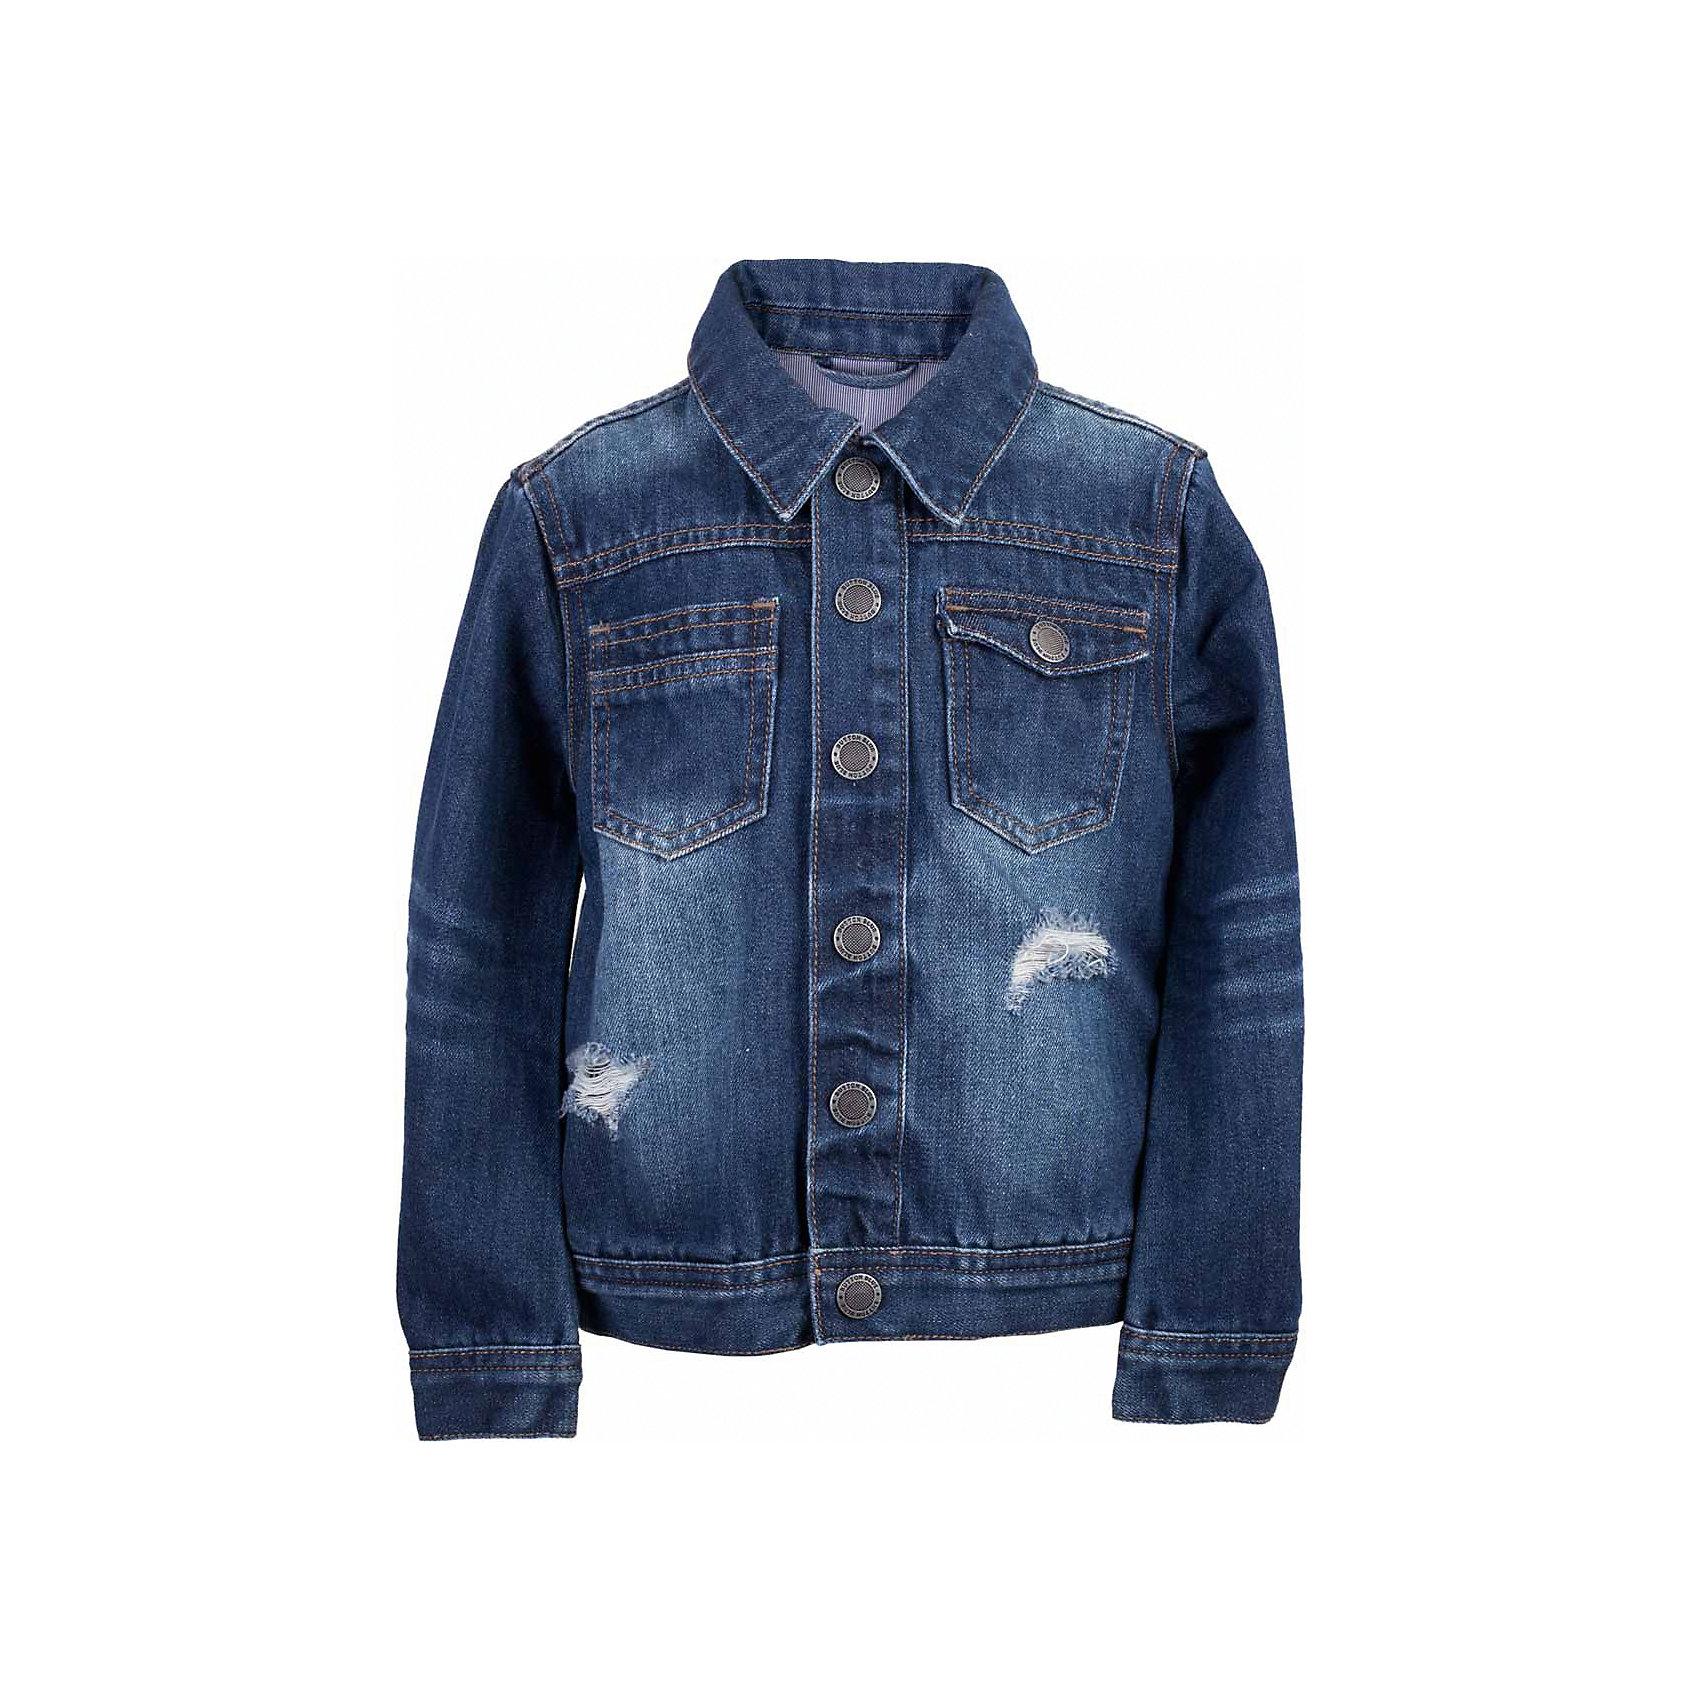 Куртка джинсовая для мальчика  BUTTON BLUEВерхняя одежда<br>Куртка джинсовая для мальчика  BUTTON BLUE<br>Джинсовая куртка для мальчика - базовая вещь весеннего-летнего гардероба! Она отлично сочетается с брюками, шортами, бриджами, делая комплект интересным и завершенным. Вы хотите, чтобы ваш ребенок был в тренде? Вы предпочитаете купить джинсовую куртку недорого, но не сомневаться в ее качестве и комфорте? Тогда джинсовая куртка от Button Blue с модными потертостями, заминами, варкой - лучший вариант!<br>Состав:<br>100%  хлопок<br><br>Ширина мм: 356<br>Глубина мм: 10<br>Высота мм: 245<br>Вес г: 519<br>Цвет: синий<br>Возраст от месяцев: 84<br>Возраст до месяцев: 96<br>Пол: Мужской<br>Возраст: Детский<br>Размер: 128,134,140,146,152,158,98,104,110,116,122<br>SKU: 5524521